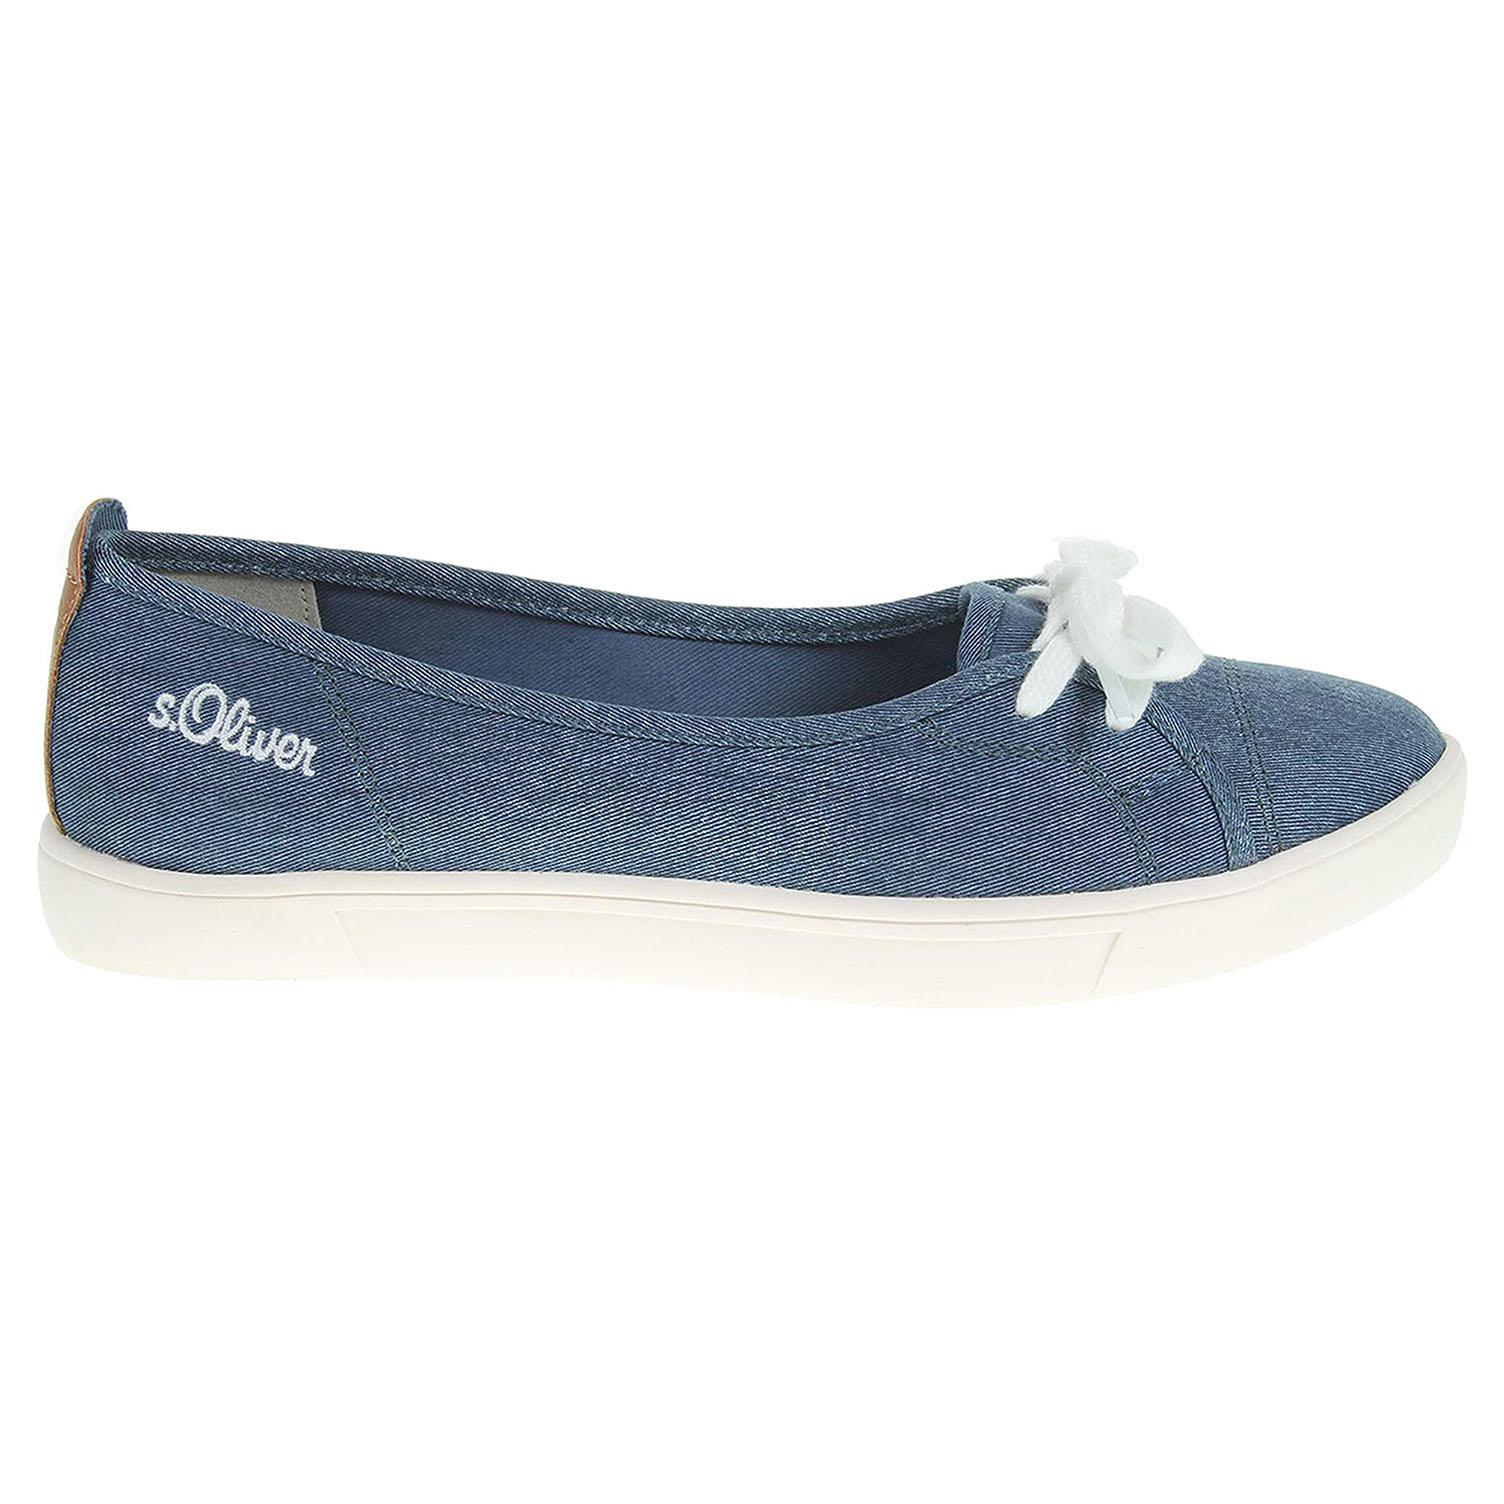 s.Oliver dámská obuv 5-22131-38 modrá 39